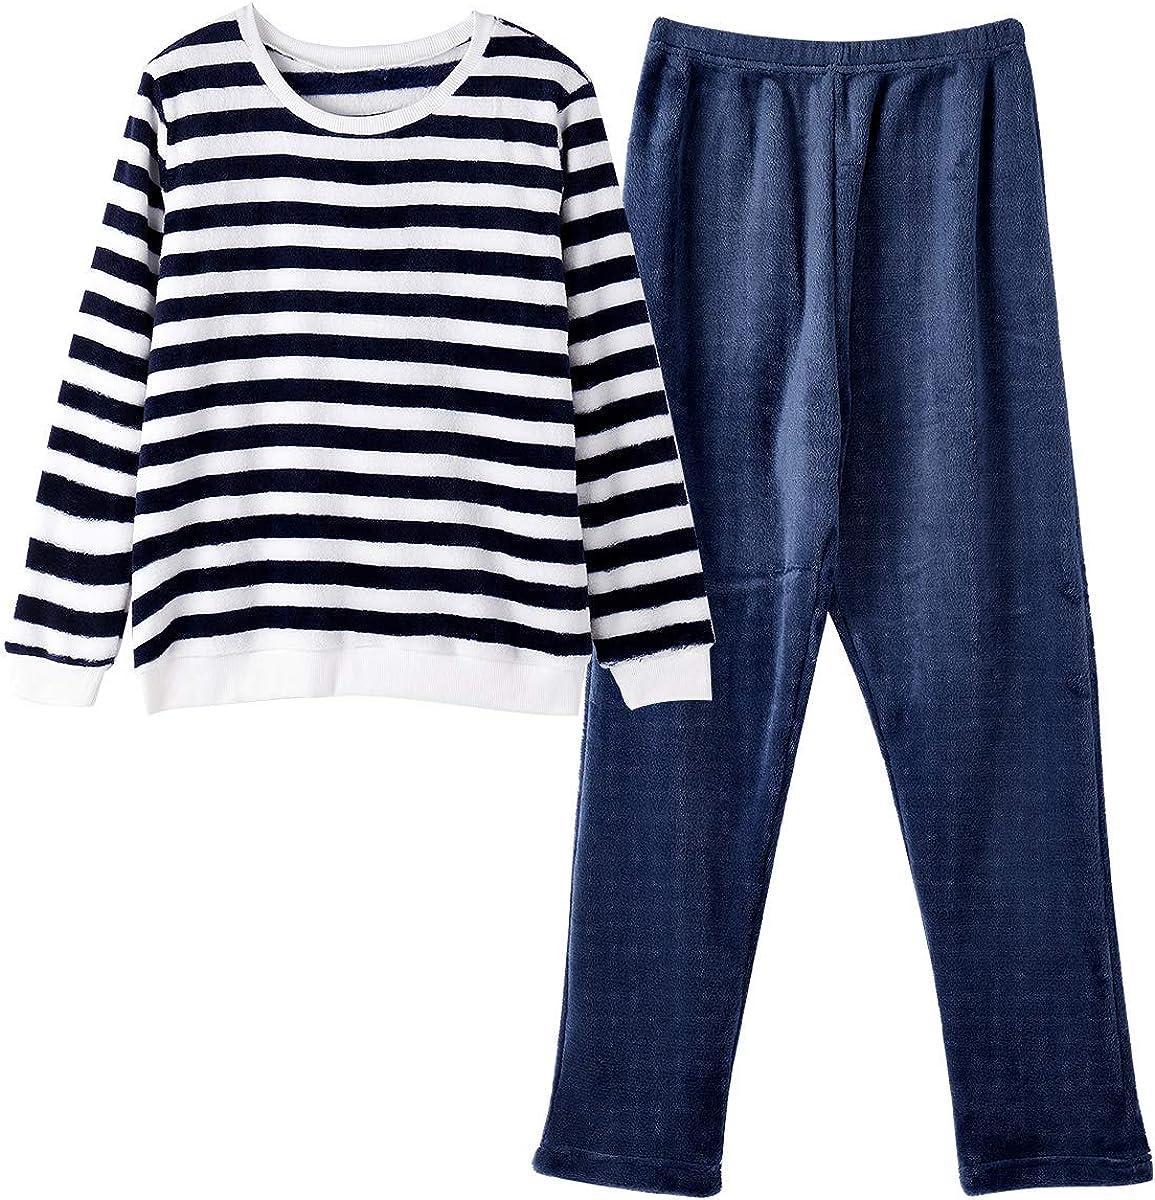 GOSO Pijama para niñas 8 9 10 11 12 13 14 años de Invierno cálido Pijama para niñas Adolescentes Tops y Pantalones Largos Big Girl Sleepwear: Amazon.es: Ropa y accesorios